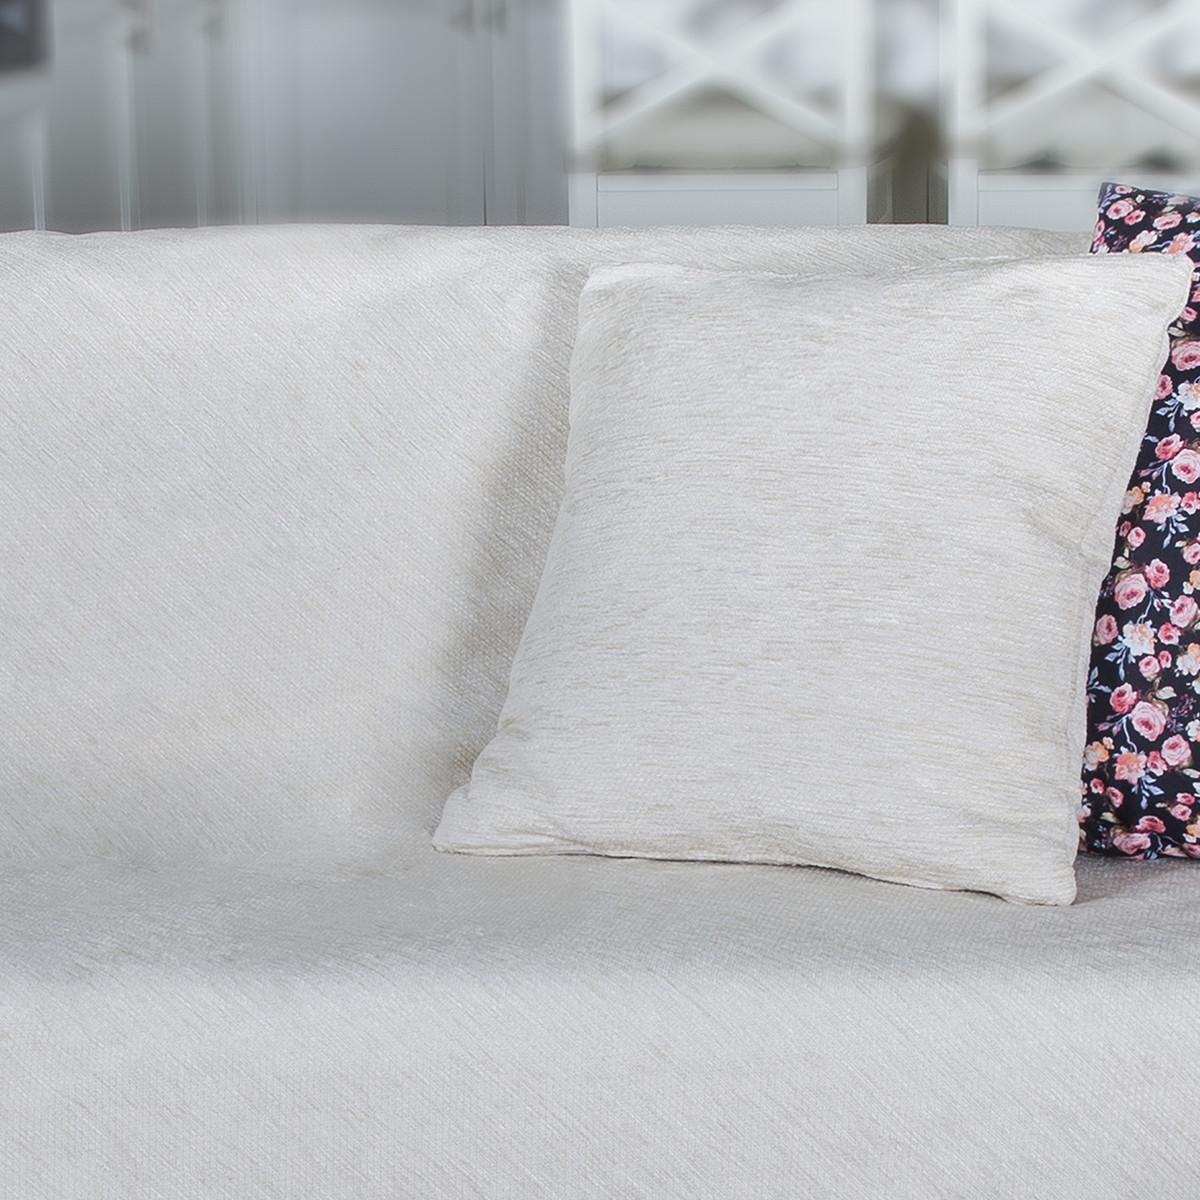 Διακοσμητική Μαξιλαροθήκη Loom To Room Miski Ecru